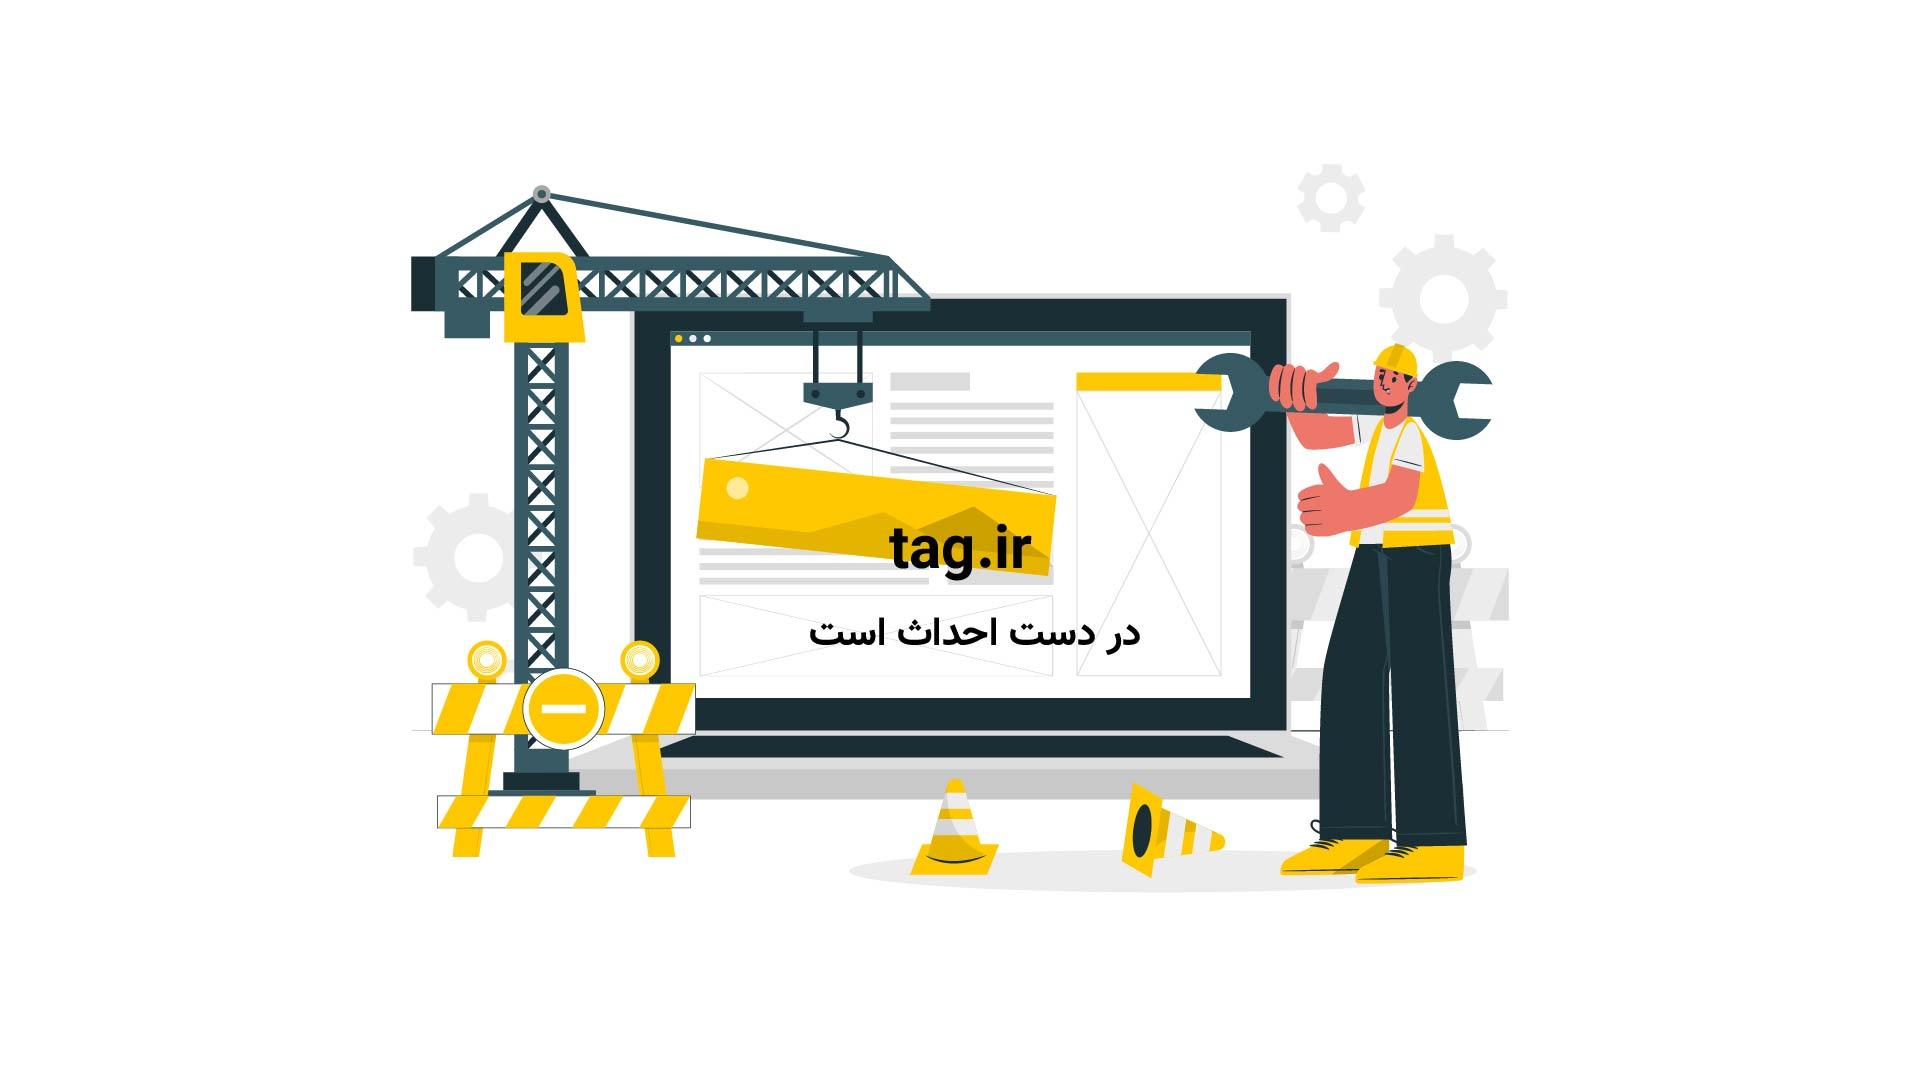 آموزش ساخت گردنبند با زنجیر و روبان | فیلم